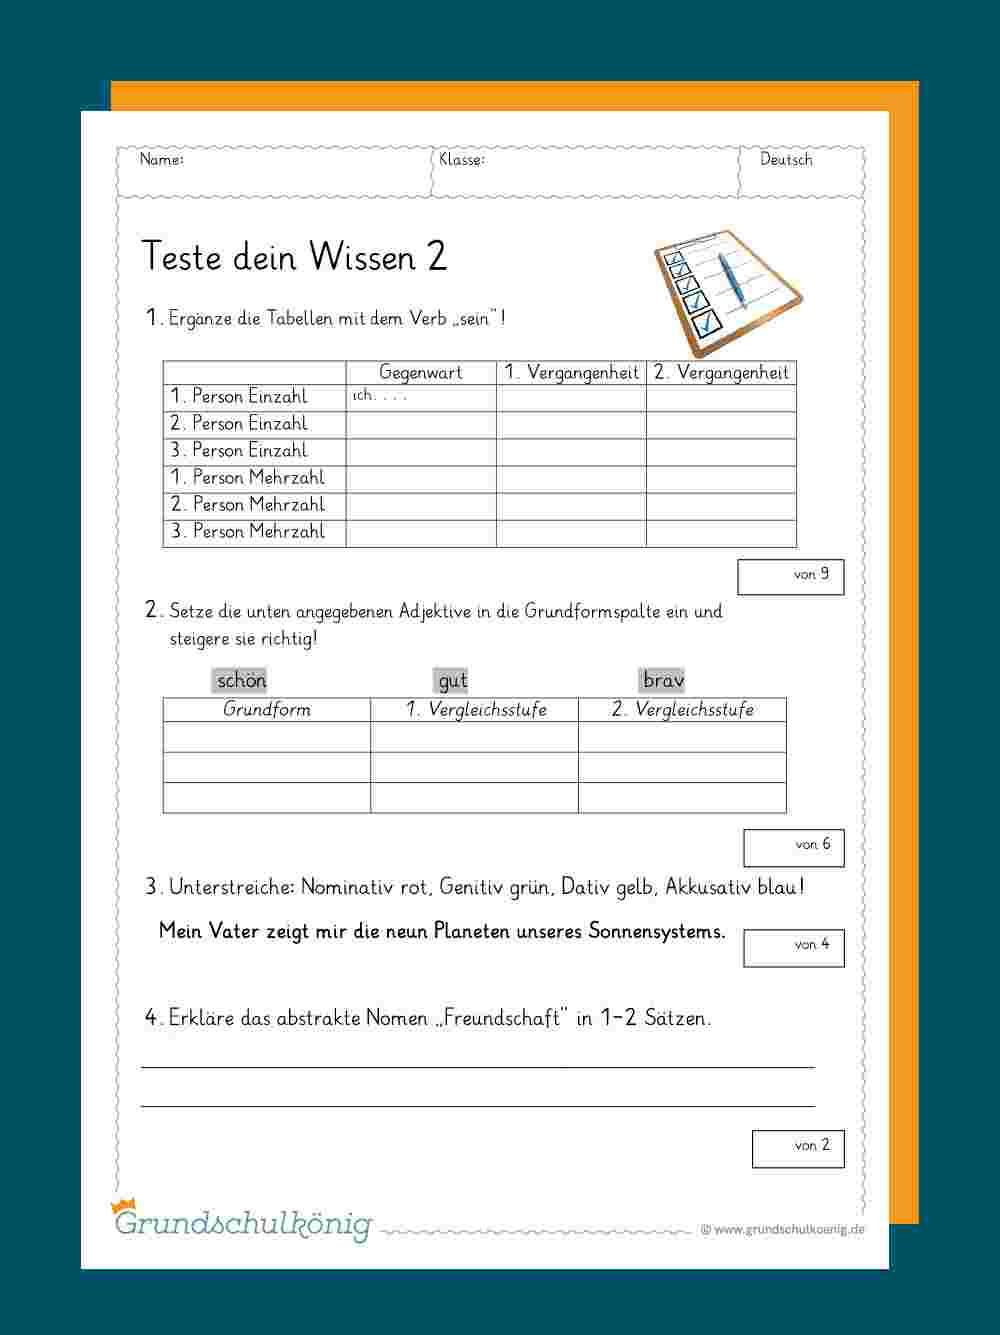 Teste Dein Wissen ganzes Übungsaufgaben Deutsch Klasse 4 Kostenlos